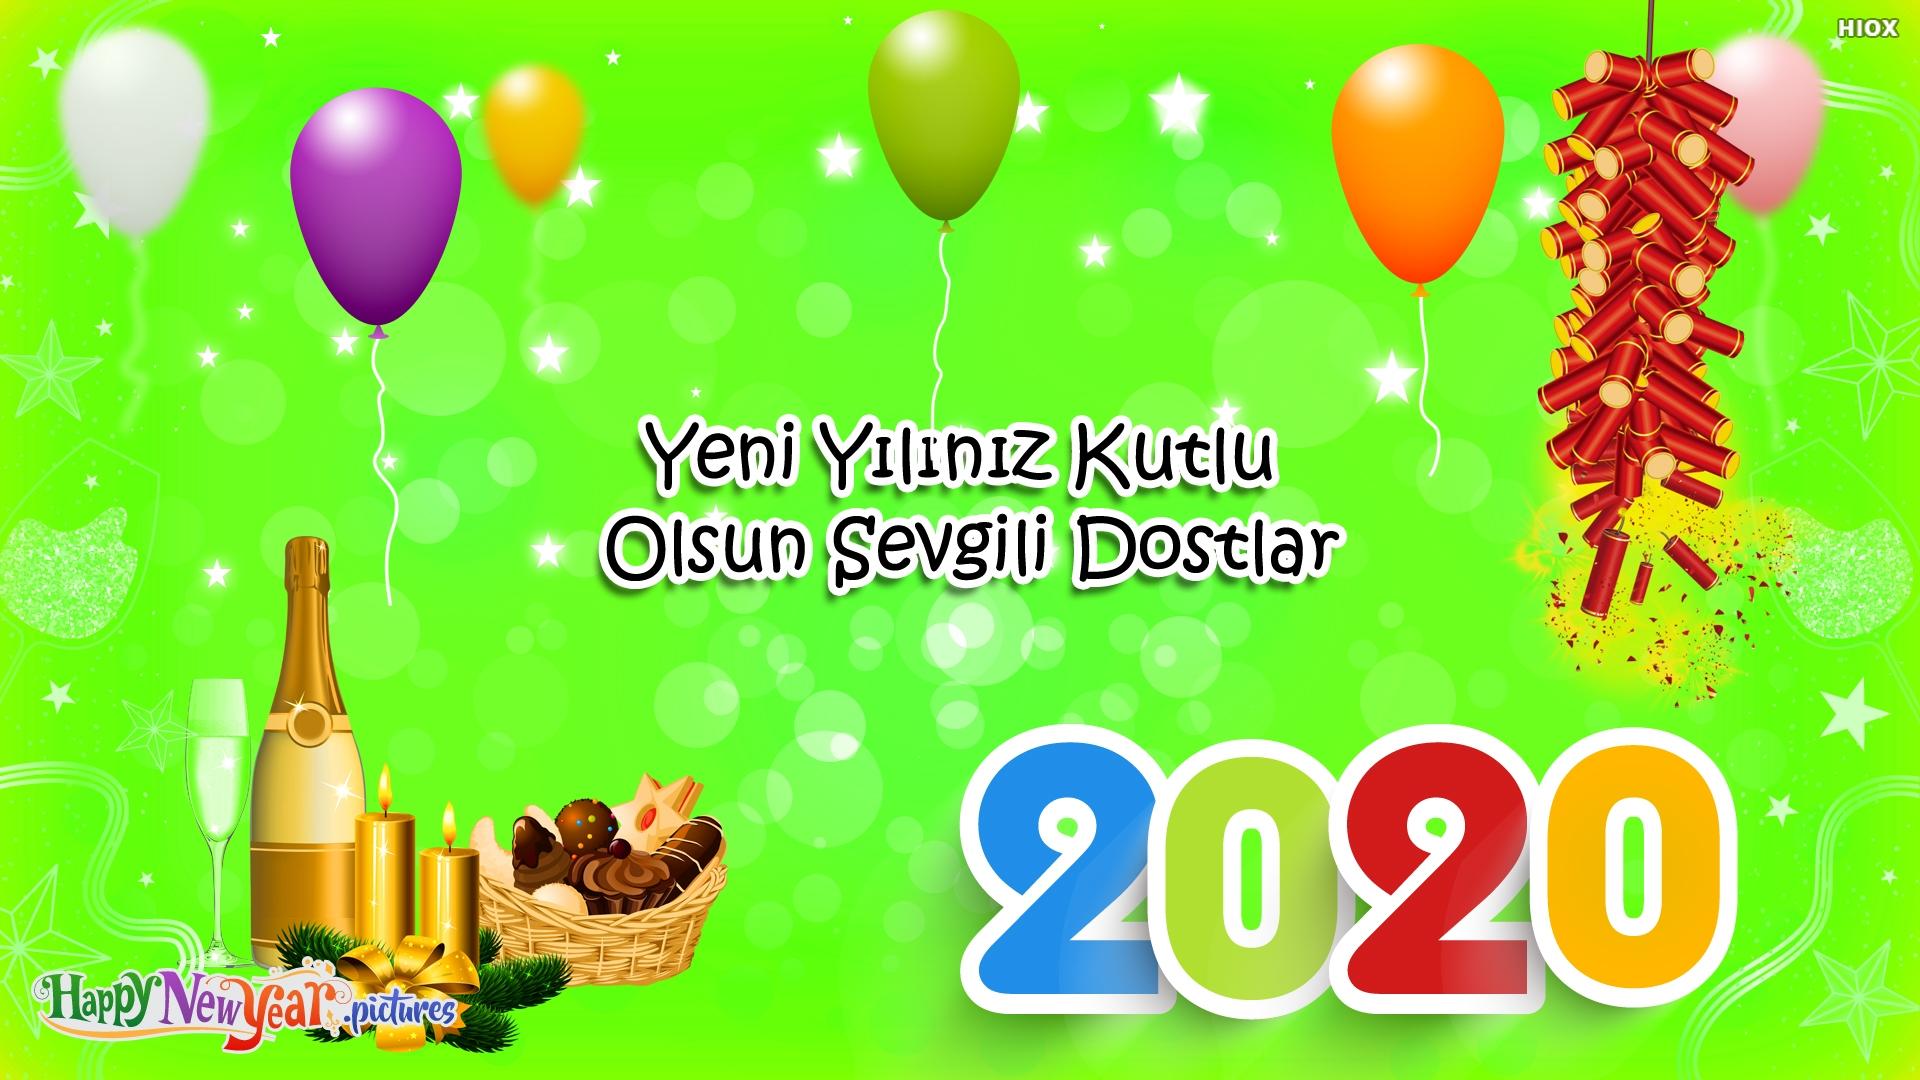 Yeni Yılınız Kutlu Olsun Sevgili Dostlar